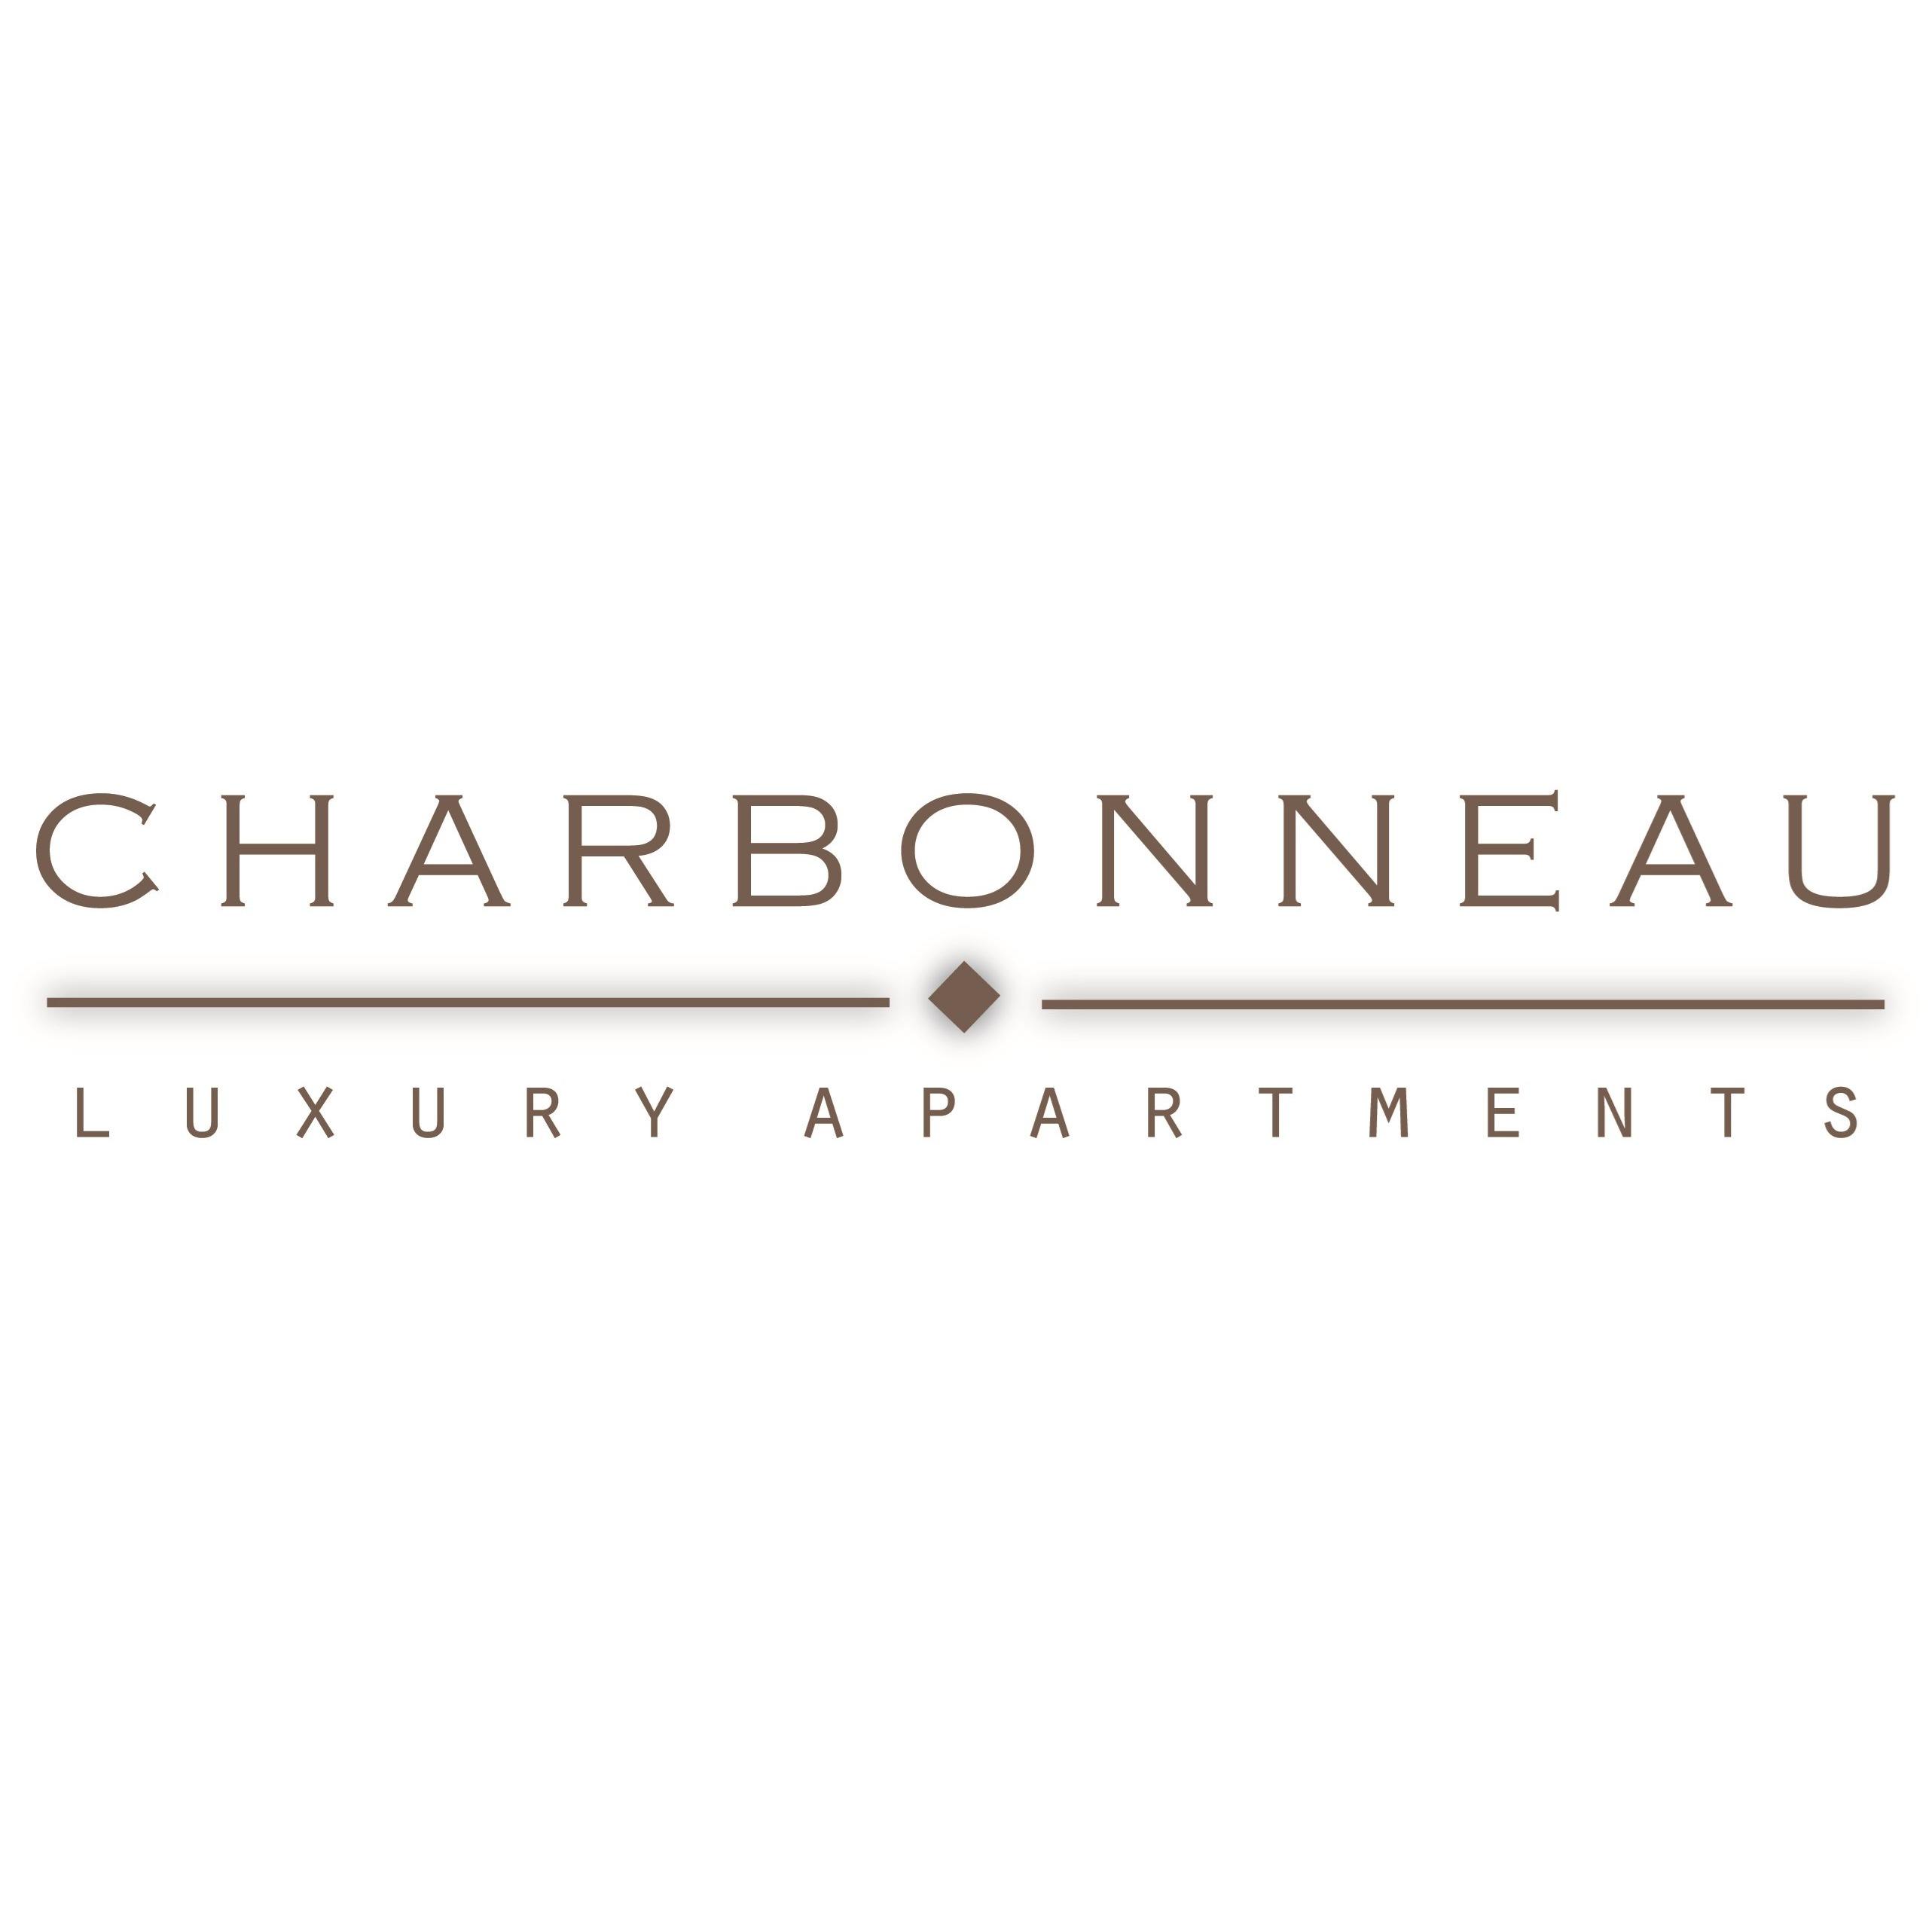 Charbonneau Luxury Apartments